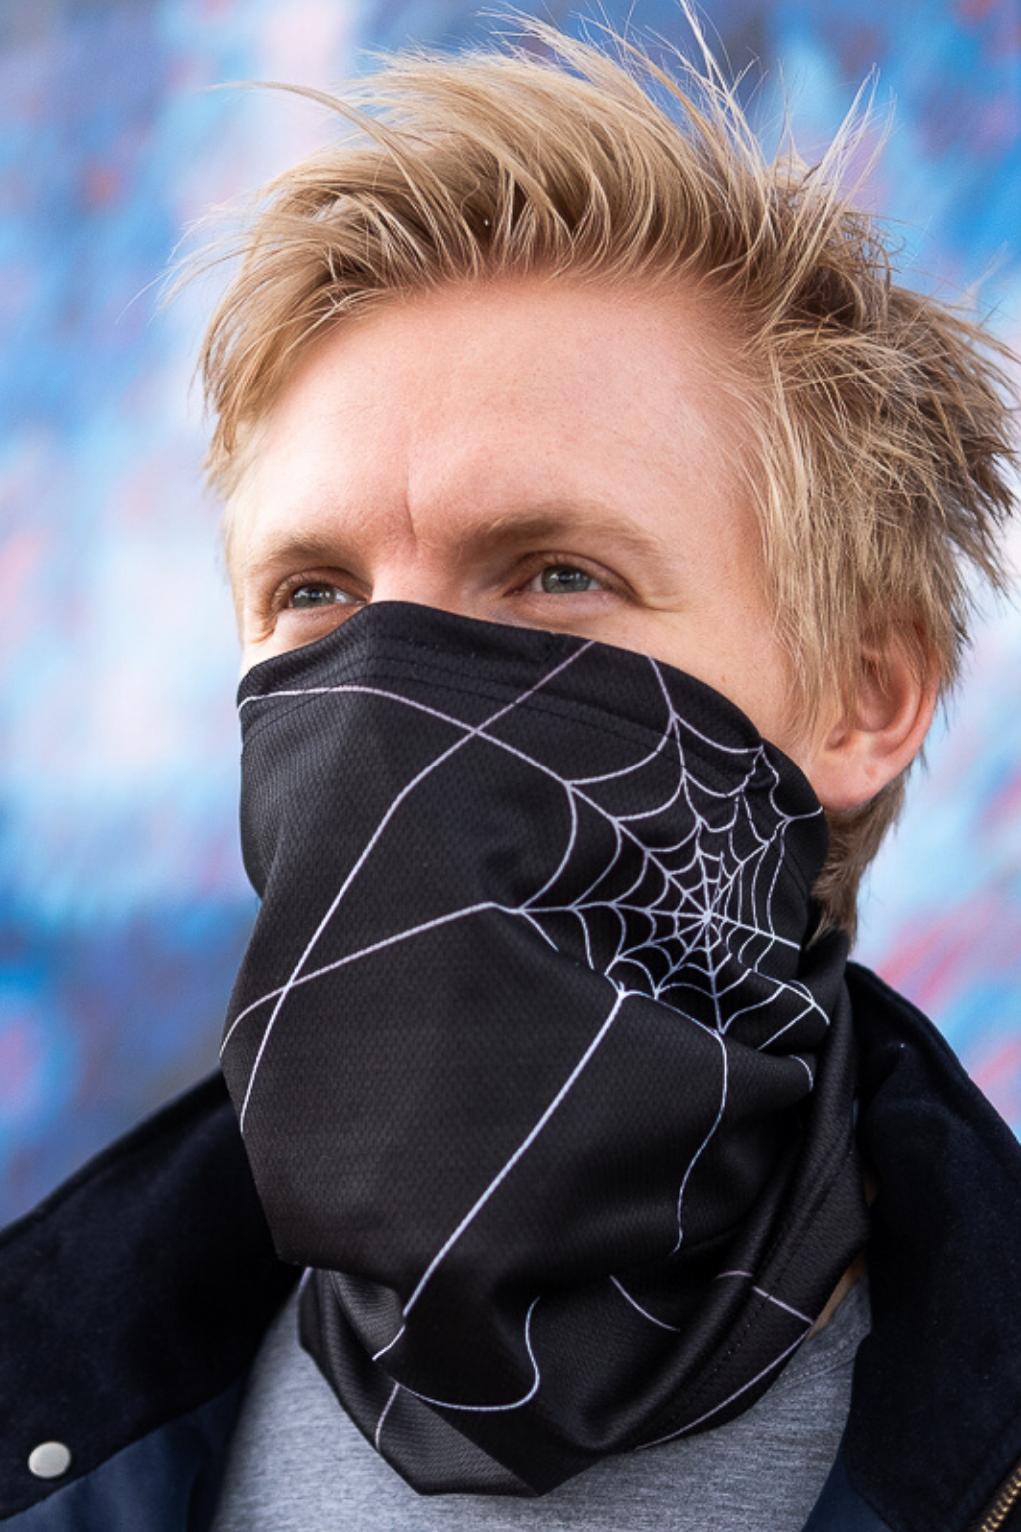 Levně Antivirový šátek nanoSPACE - černý FFP2 dle dTestu